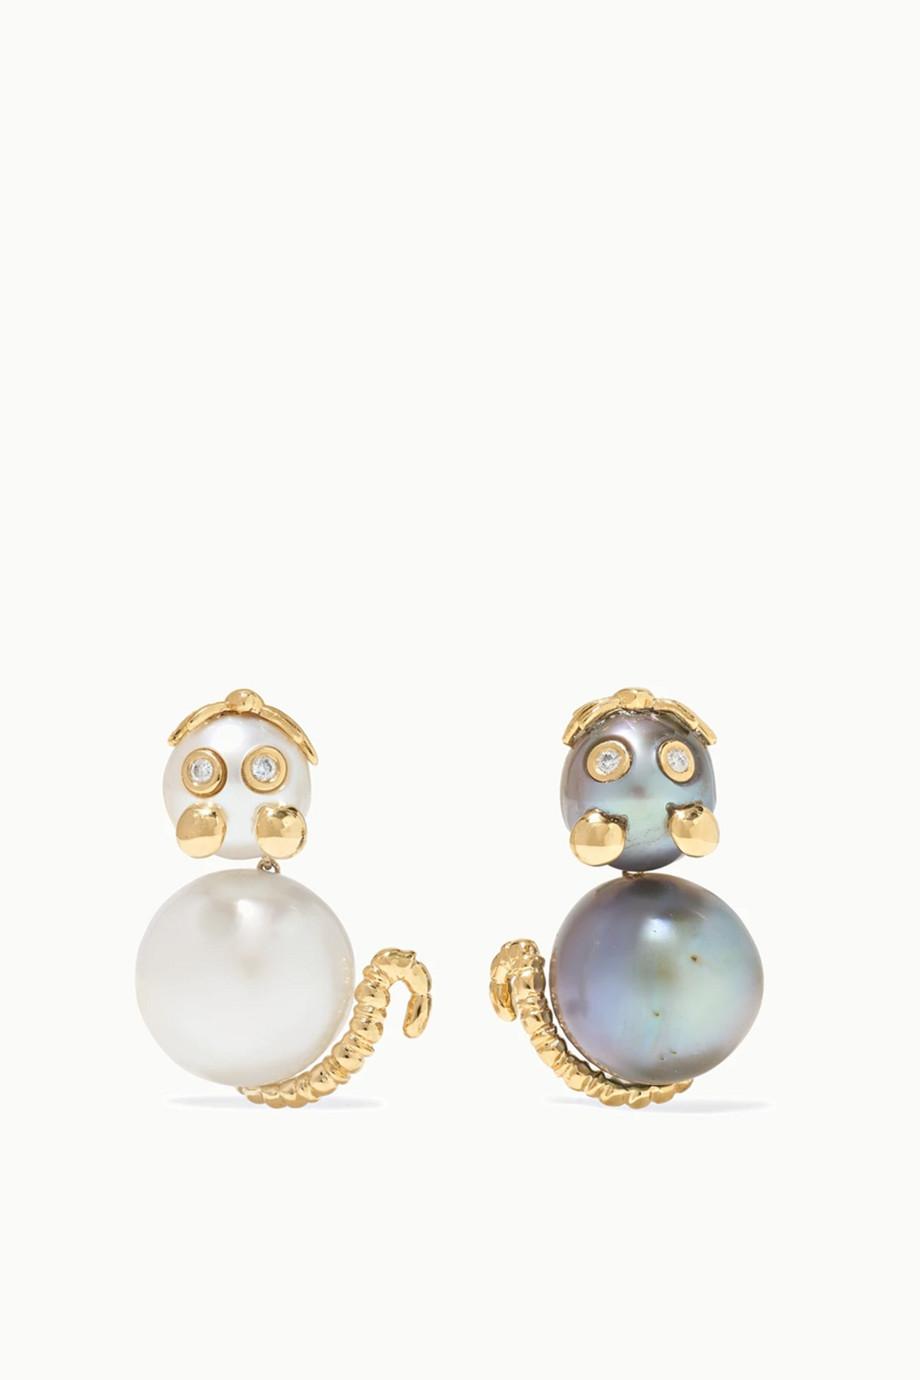 Yvonne Léon Boucles d'oreilles en or 18 carats, perles et diamants